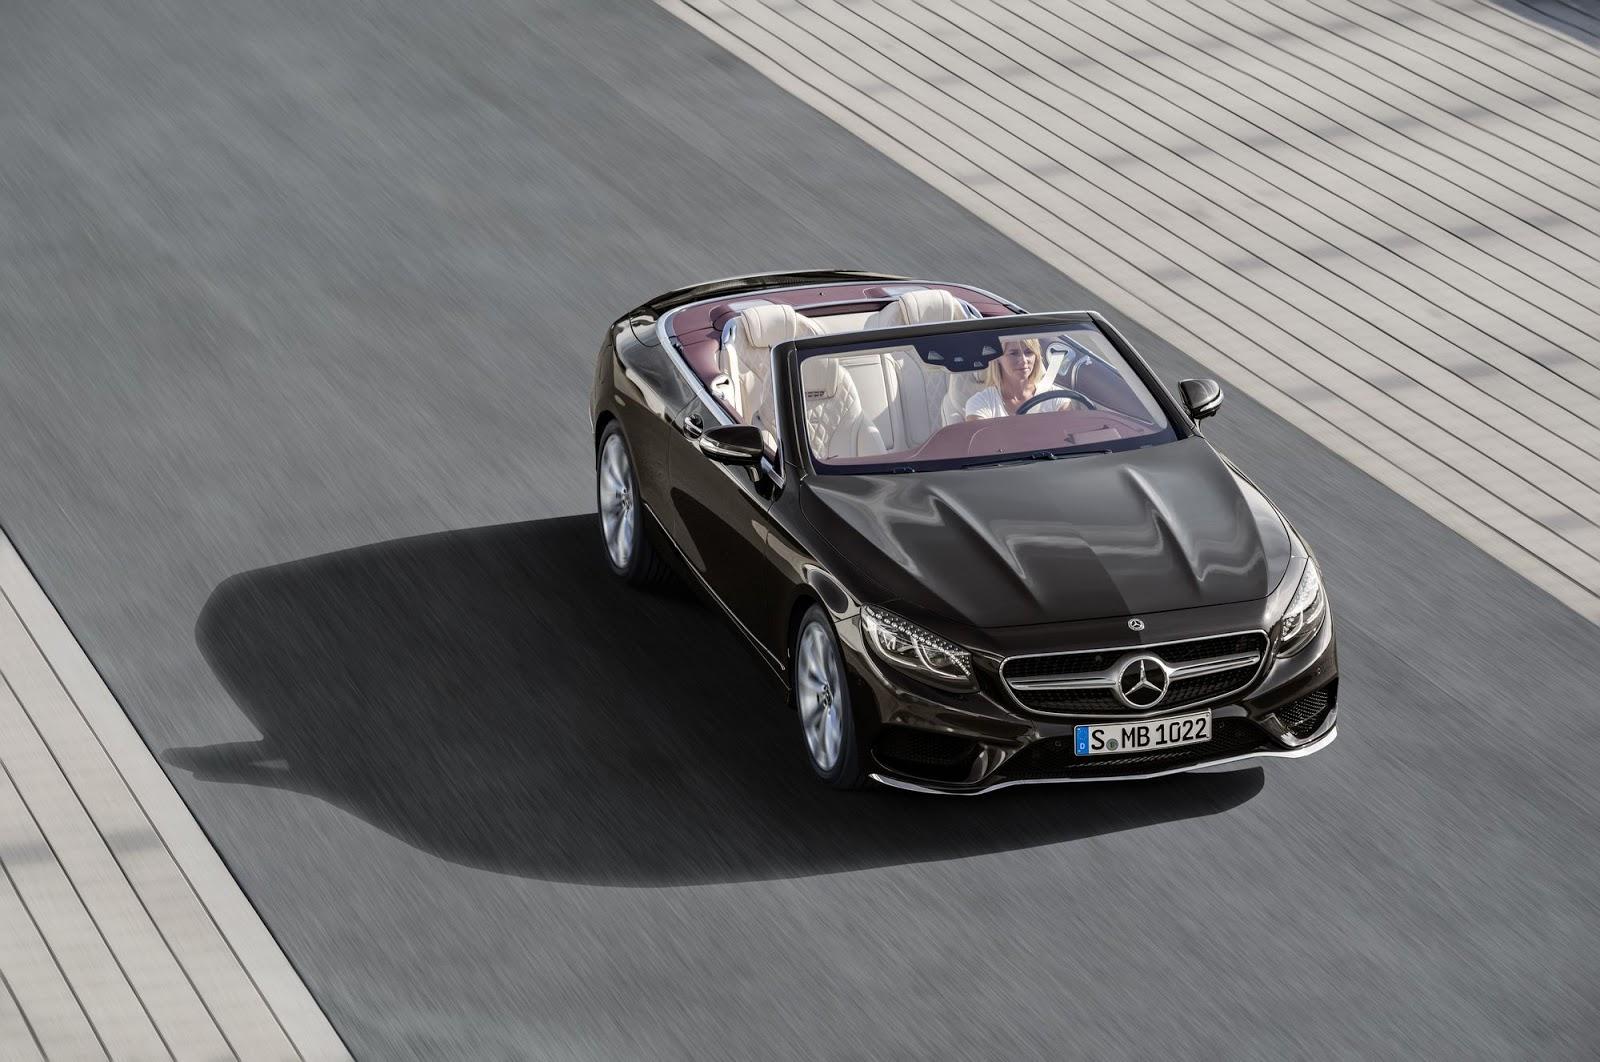 Mercedes-Benz S-Klasse Cabriolet; A 217; Exterieur: designo mokkaschwarz; Interieur: designo Leder porzellan/tizianrot Mercedes-Benz S-Class Cabriolet; A 217; Exterior: designo mocha black; Interior: designo leather porcelain/tizian red